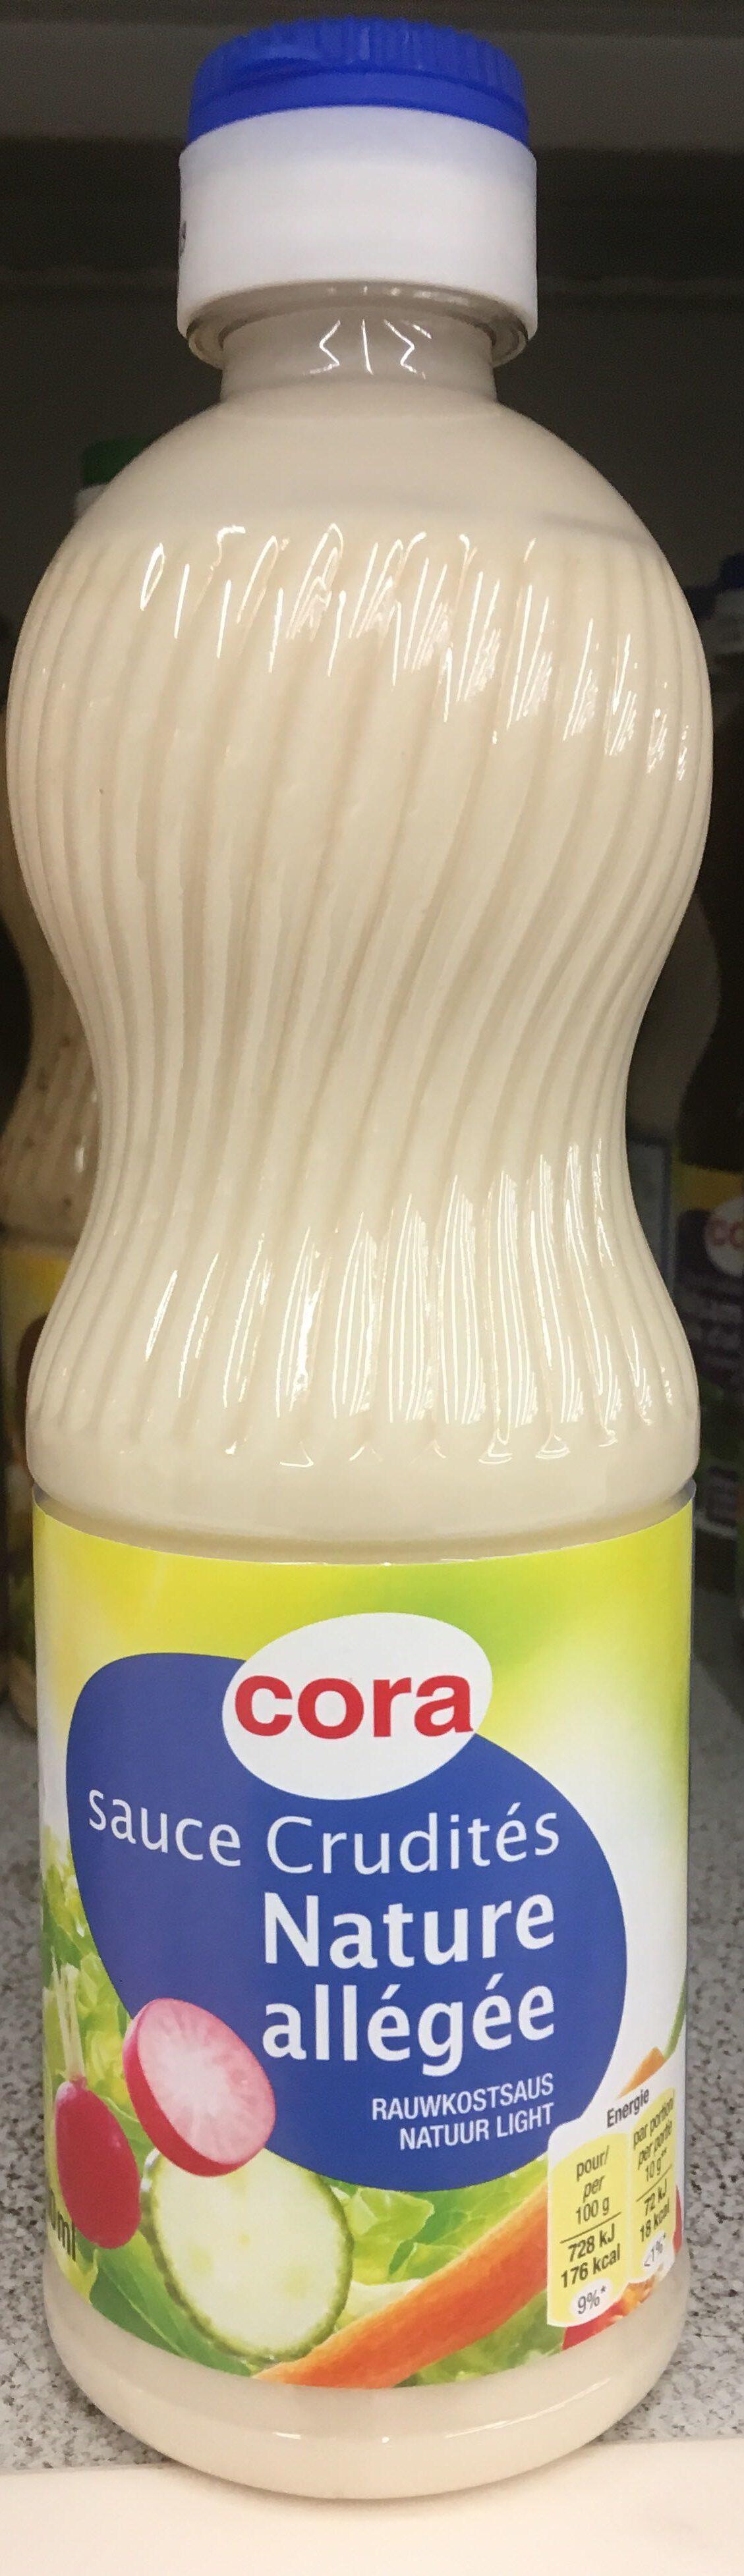 Sauce crudites nature allegee - Produit - fr